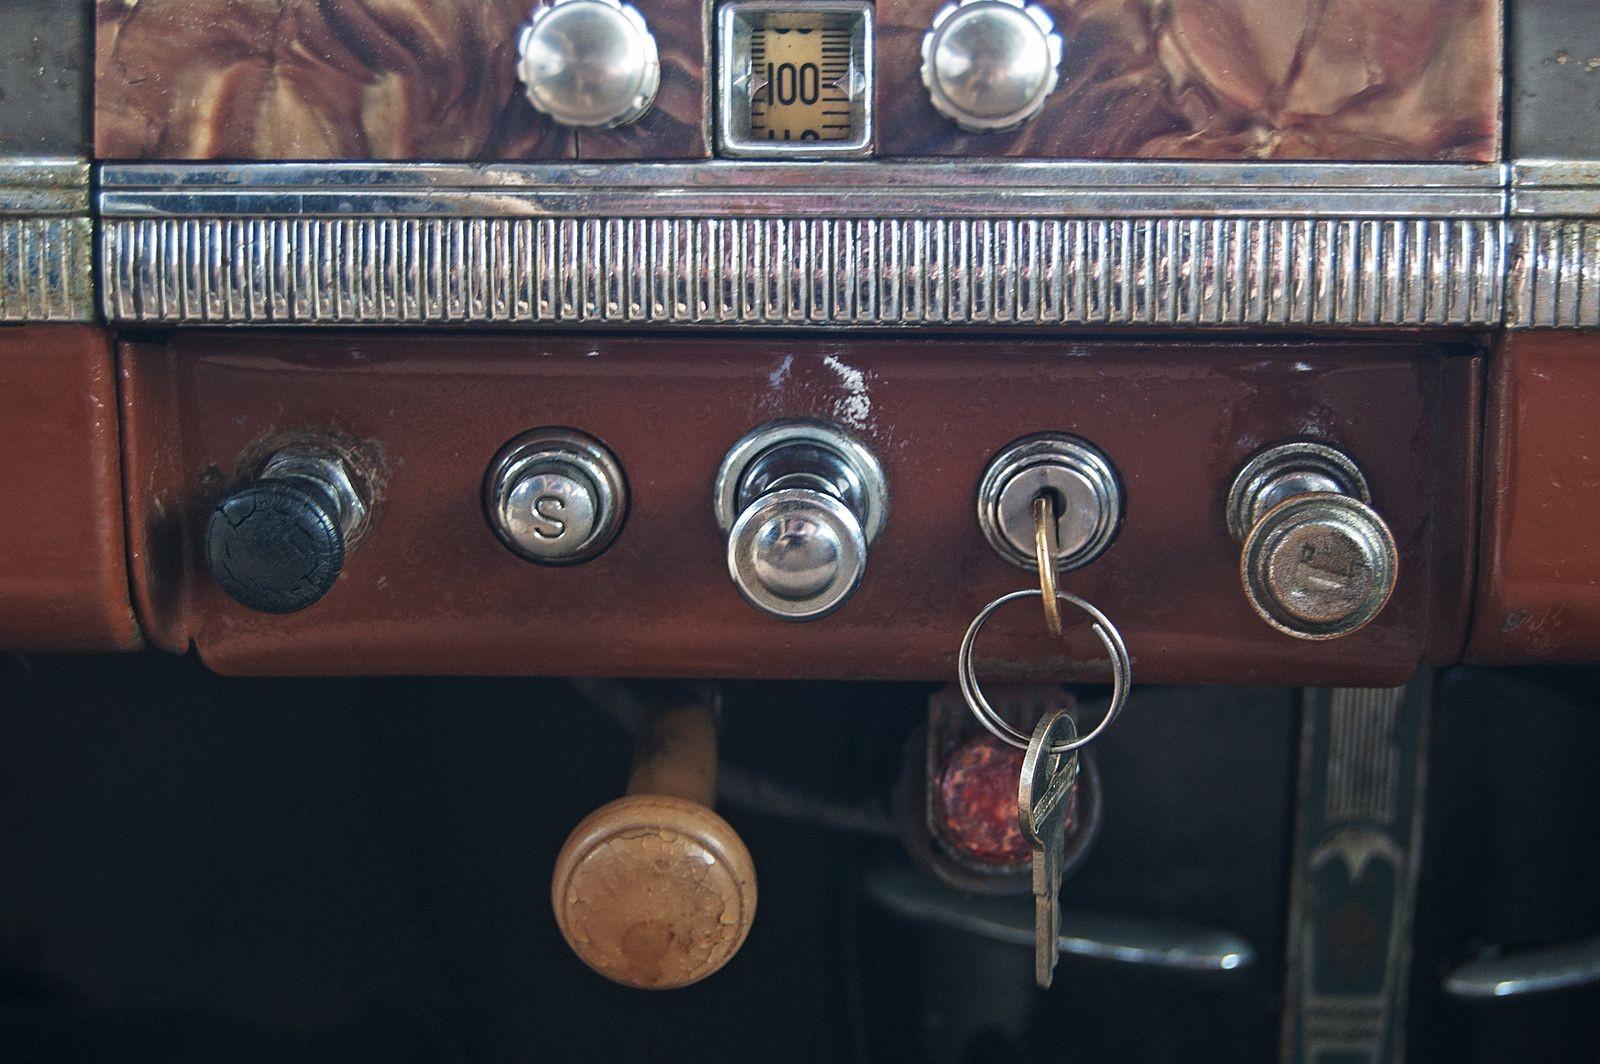 Тот самый конь в пальто: тест-драйв Packard 1700 Six de Luxe из фильма «Утомленные солнцем»